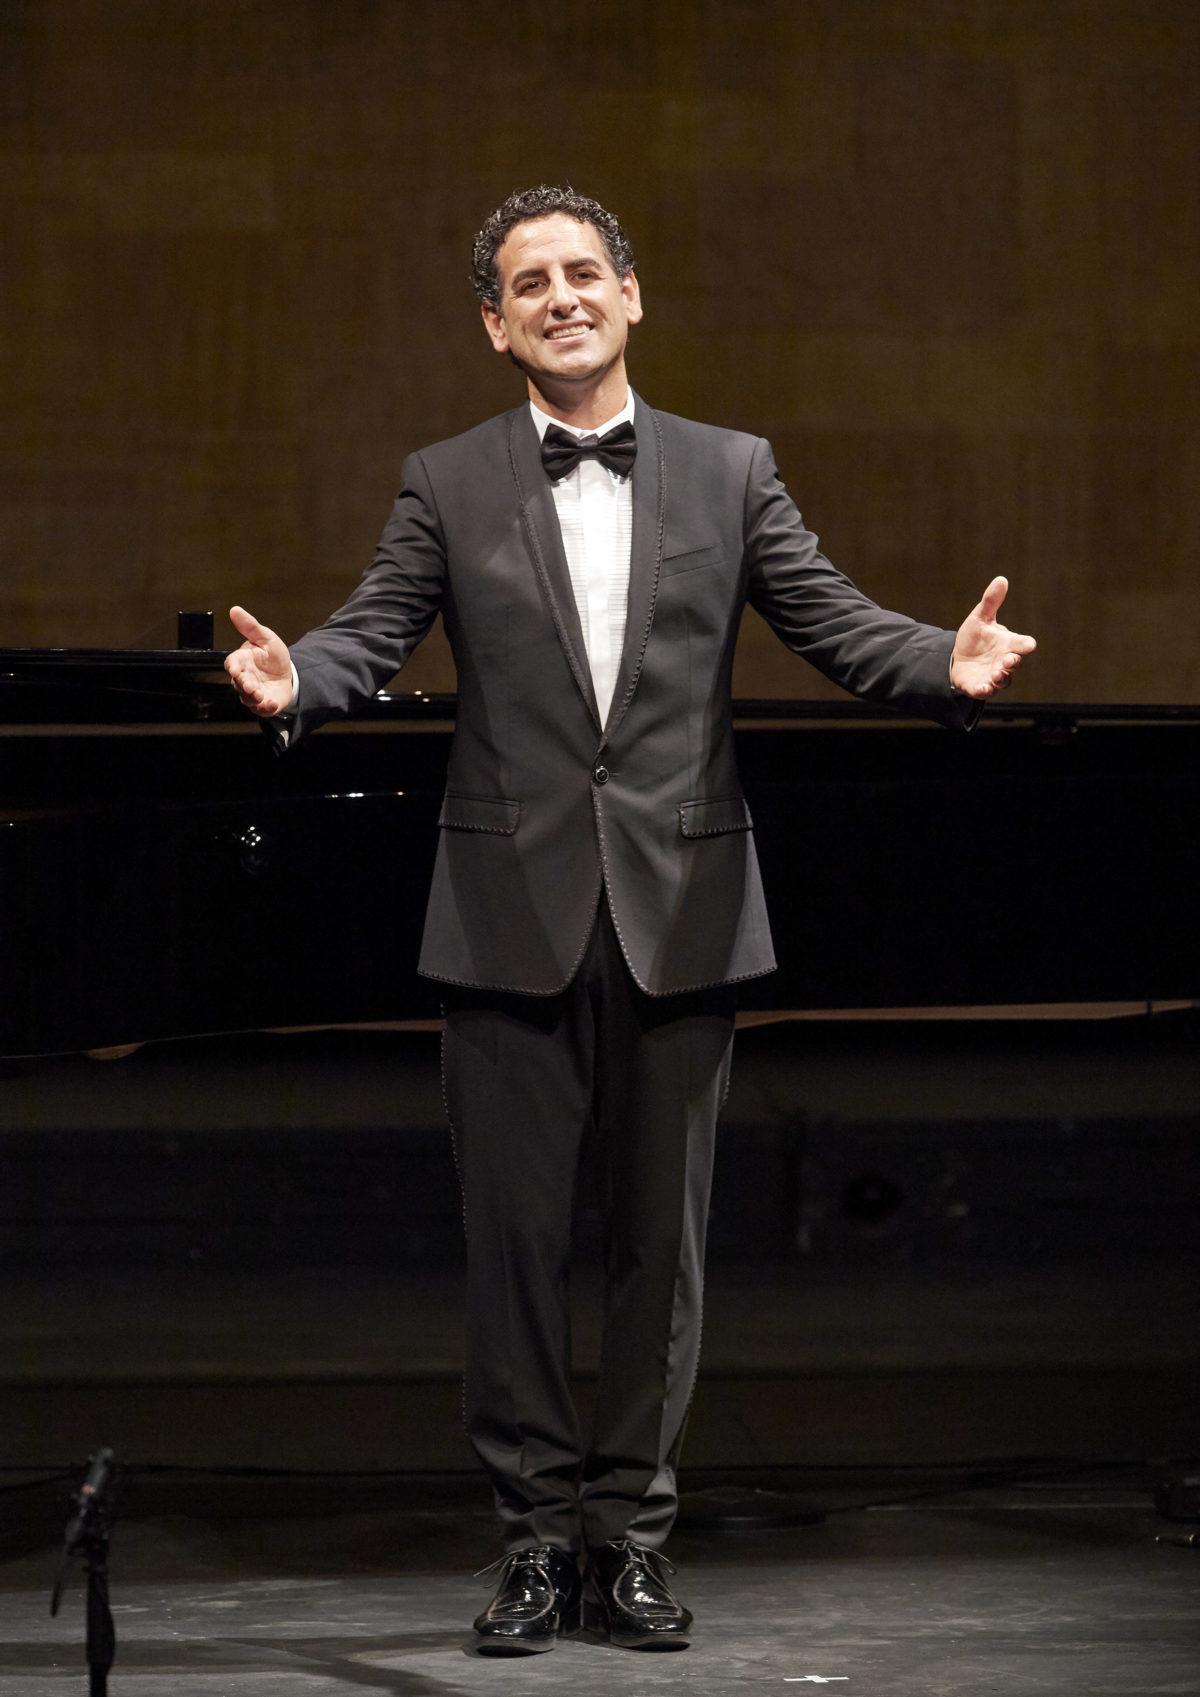 Solistenkonzert Juan D. Flórez,  Wiener Staatsoper